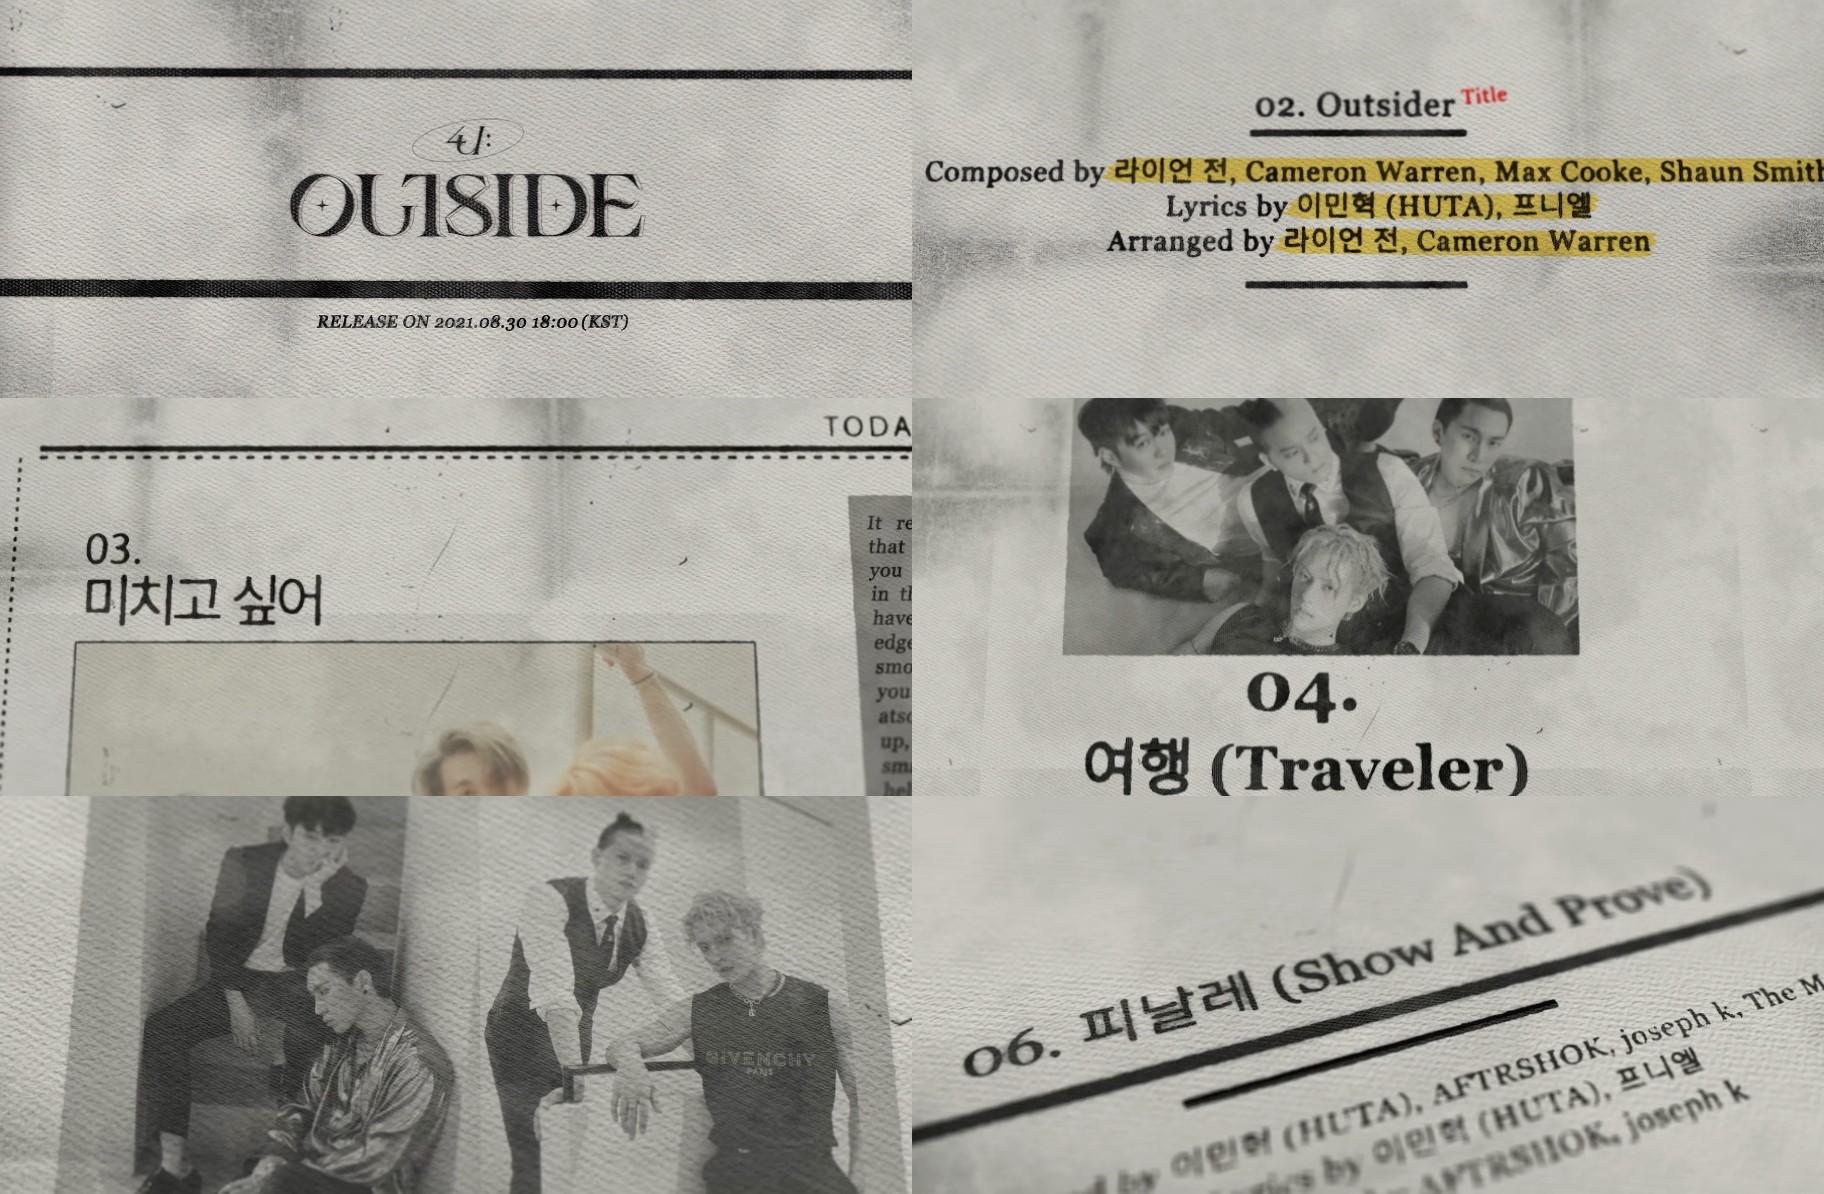 비투비, 스페셜 앨범 '4U : OUTSIDE' 오디오 티저 공개 '소울 가득'